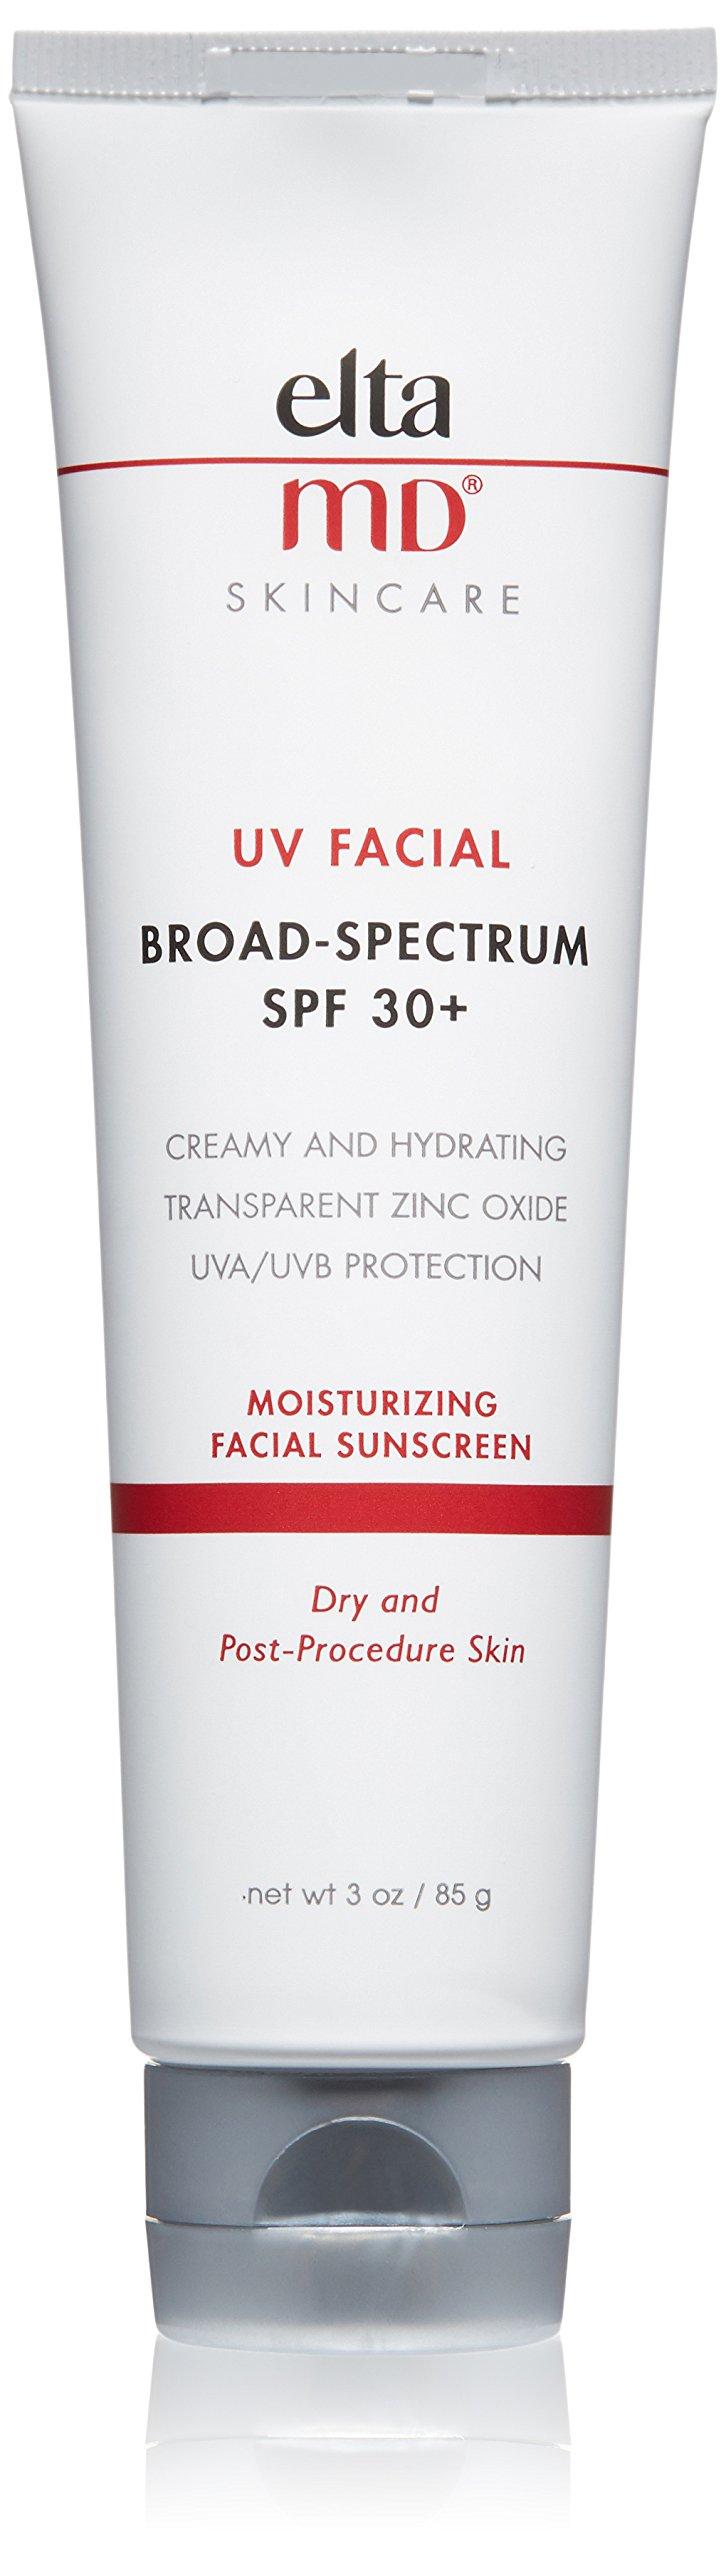 EltaMD UV Facial Sunscreen Broad-Spectrum SPF 30+, 3.0 oz